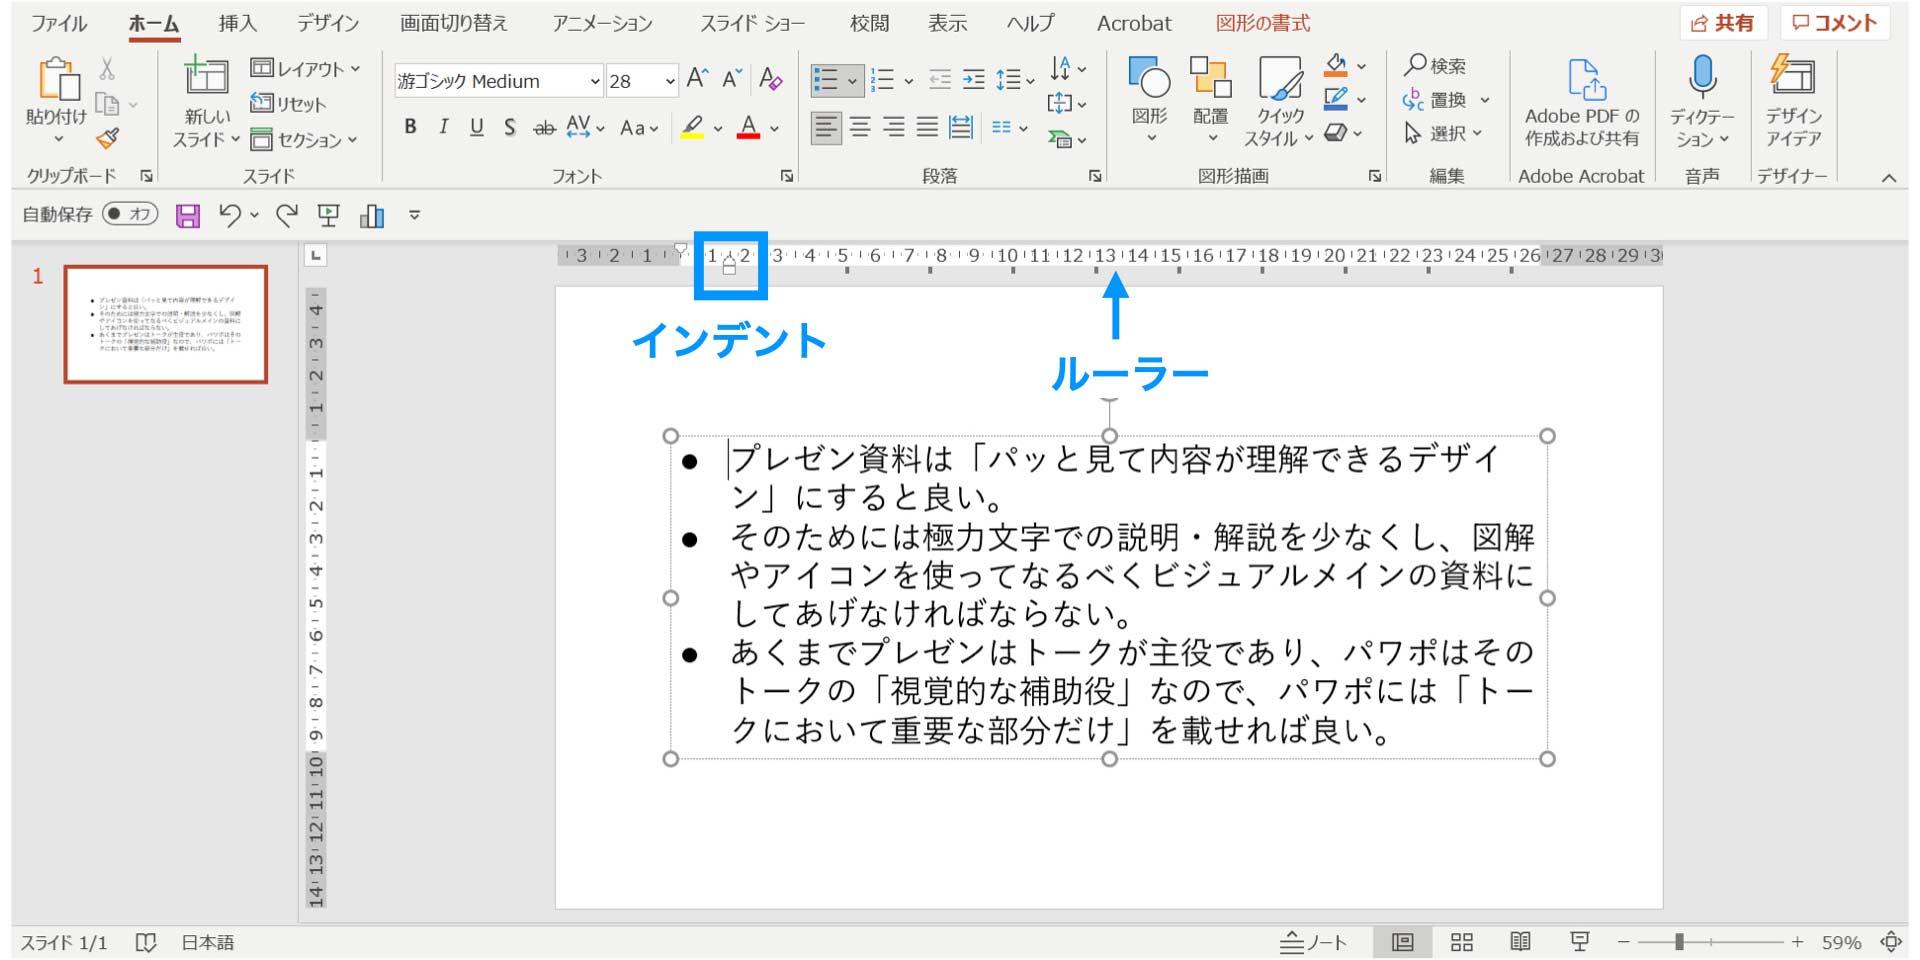 パワーポイント,PowerPoint,デザイン,箇条書き,使い方,インデント